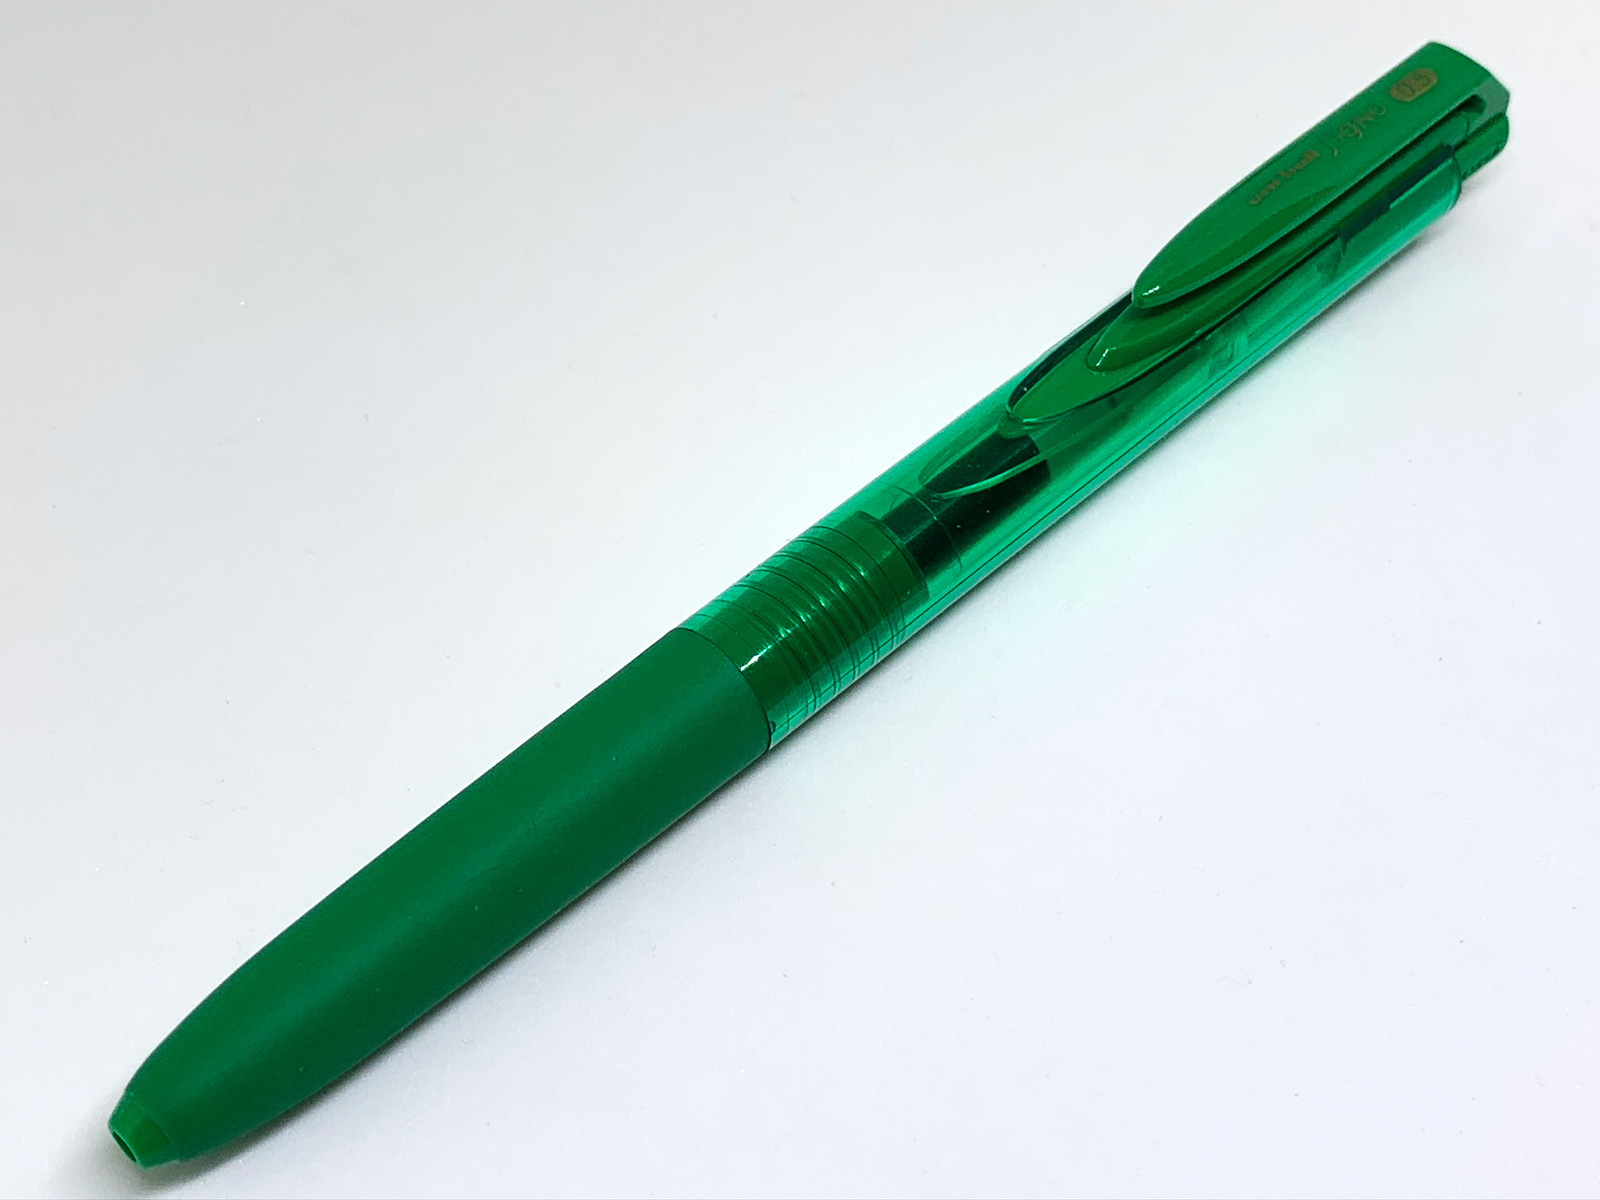 ユニボール シグノRT1 0.5mm グリーン